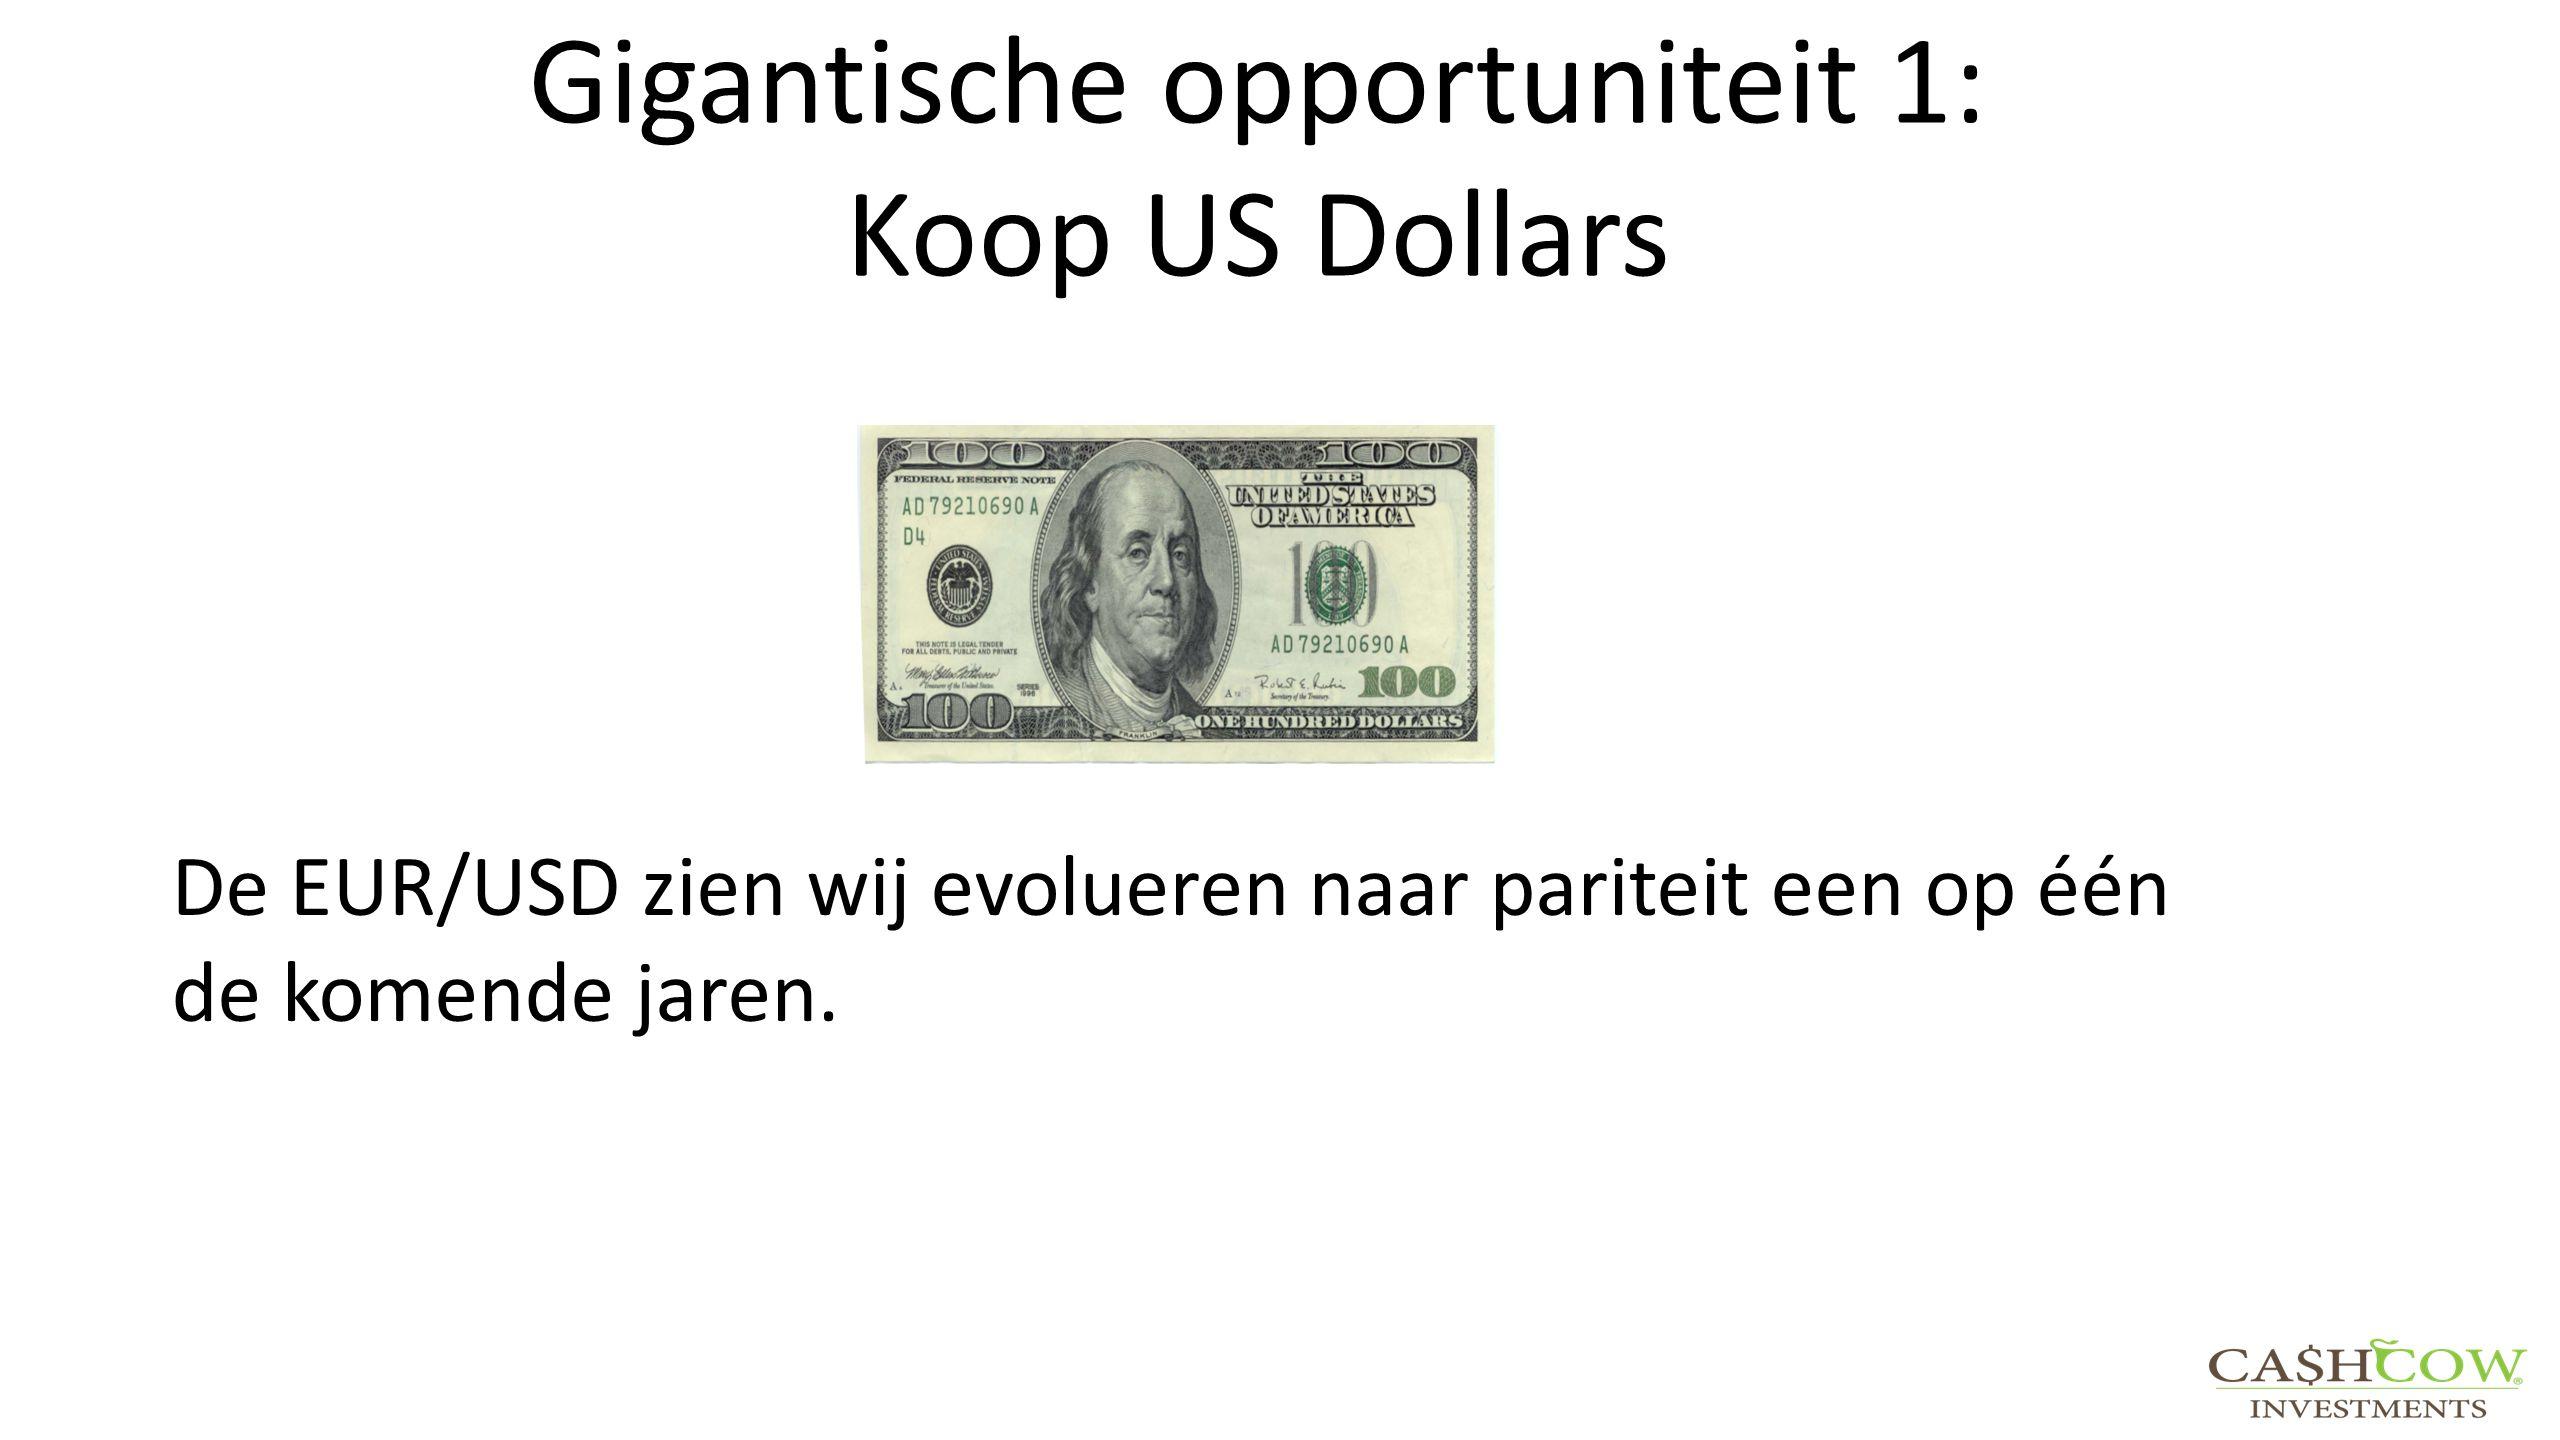 Gigantische opportuniteit 1: Koop US Dollars De EUR/USD zien wij evolueren naar pariteit een op één de komende jaren.